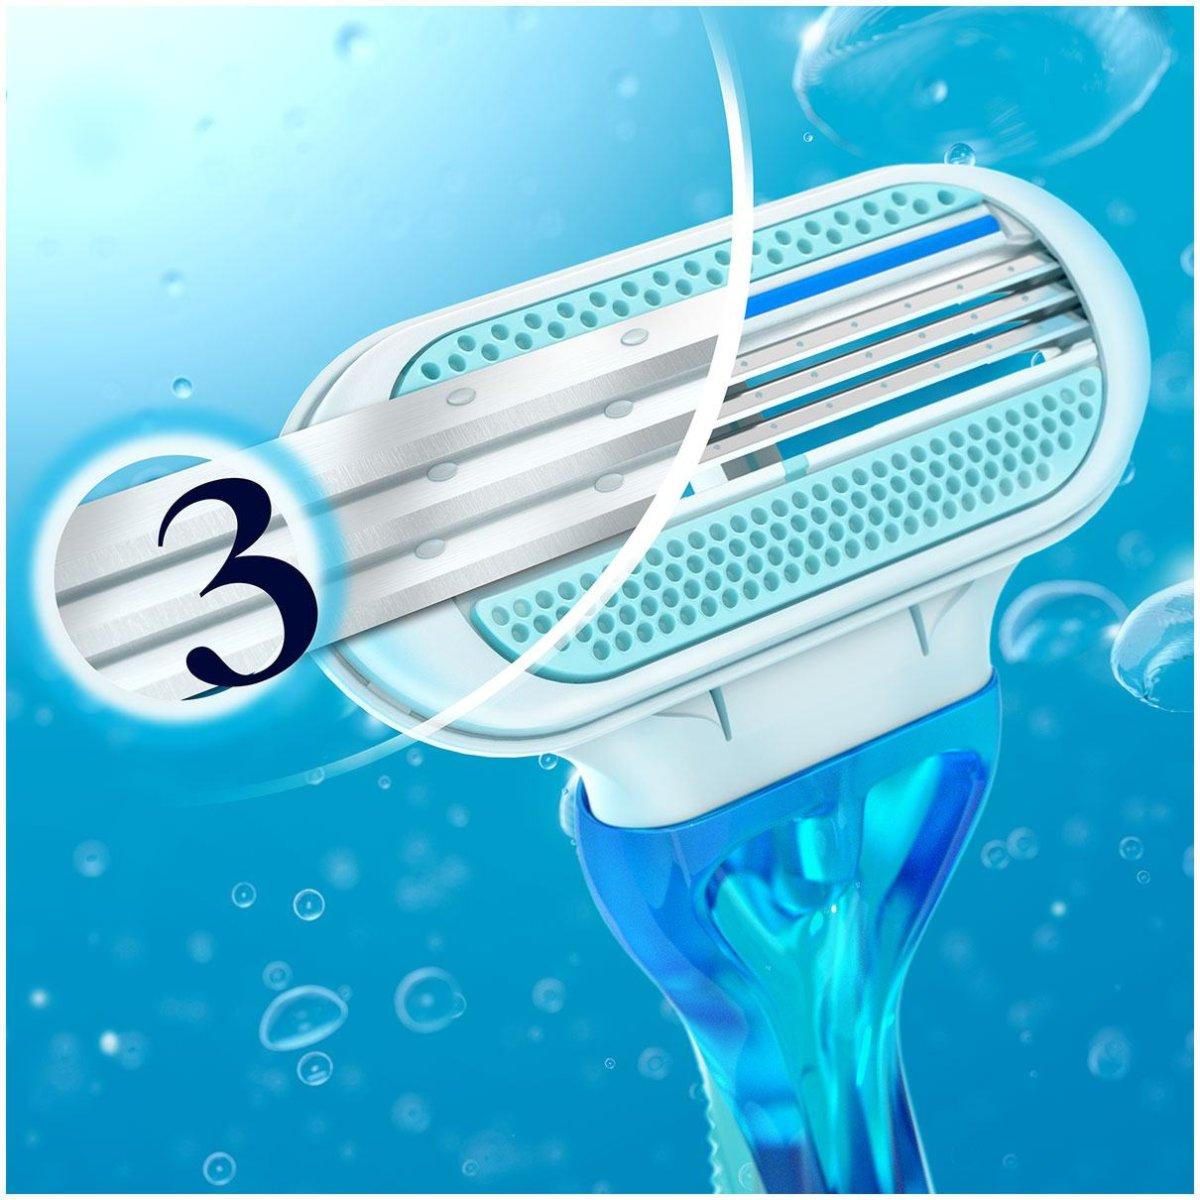 4  резервни ножчета с 3 остриета  за дамска самобръсначка Gillette VENUS Close & Clean